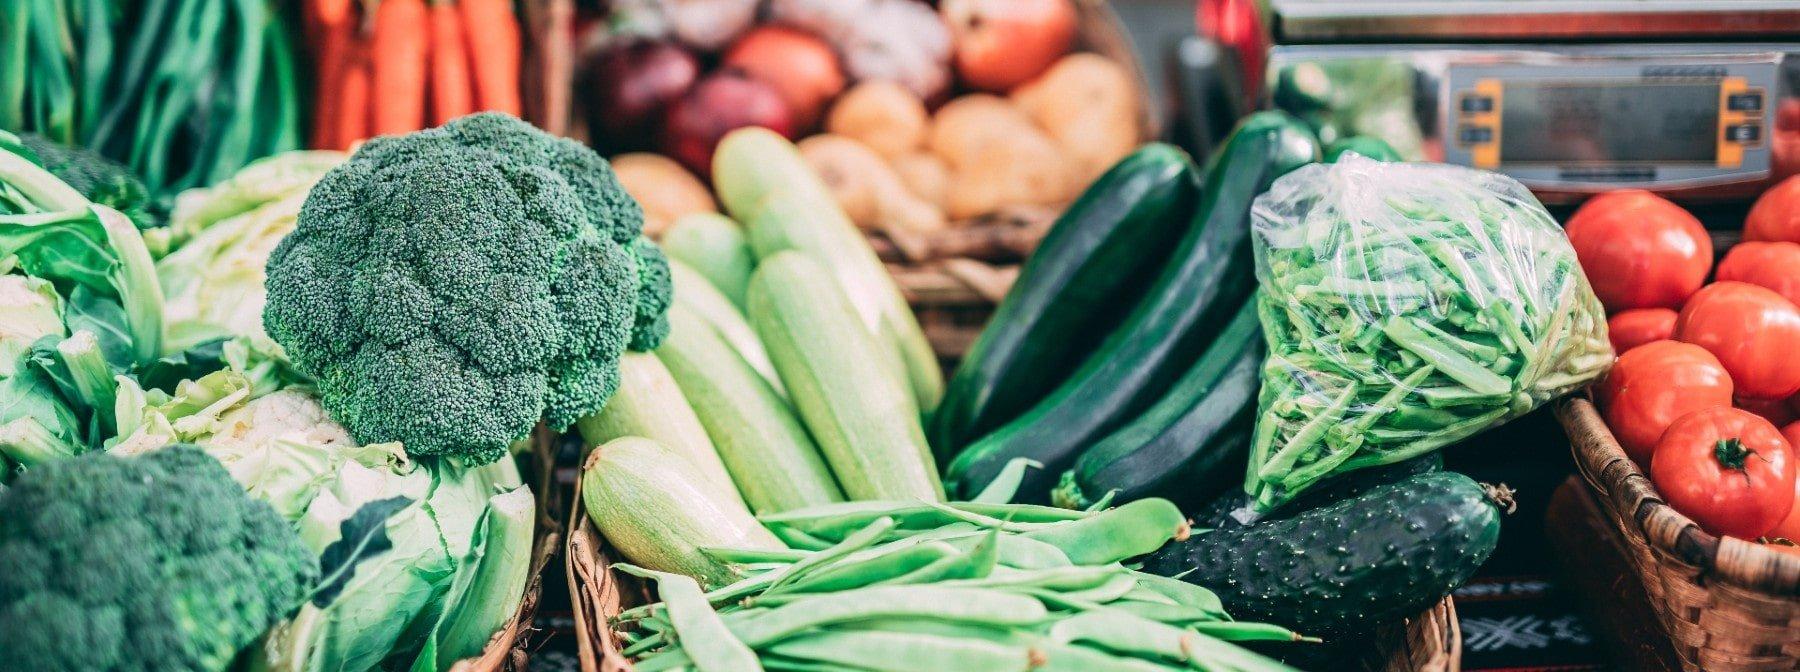 Guida alle verdure a basso contenuto di carboidrati